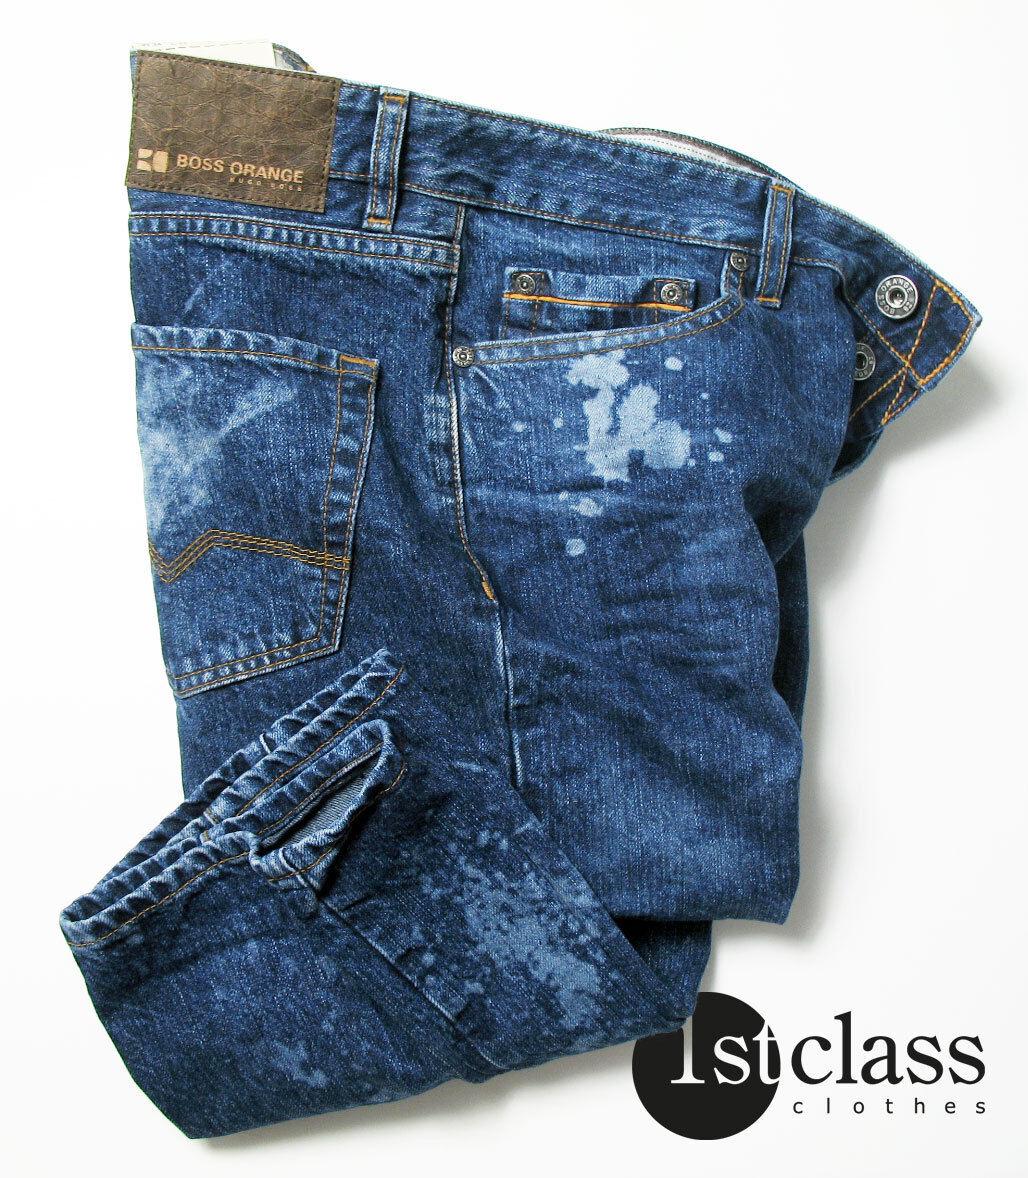 boss orange 25 jeans spot in 33 34 regular fit blue acid wash ebay. Black Bedroom Furniture Sets. Home Design Ideas